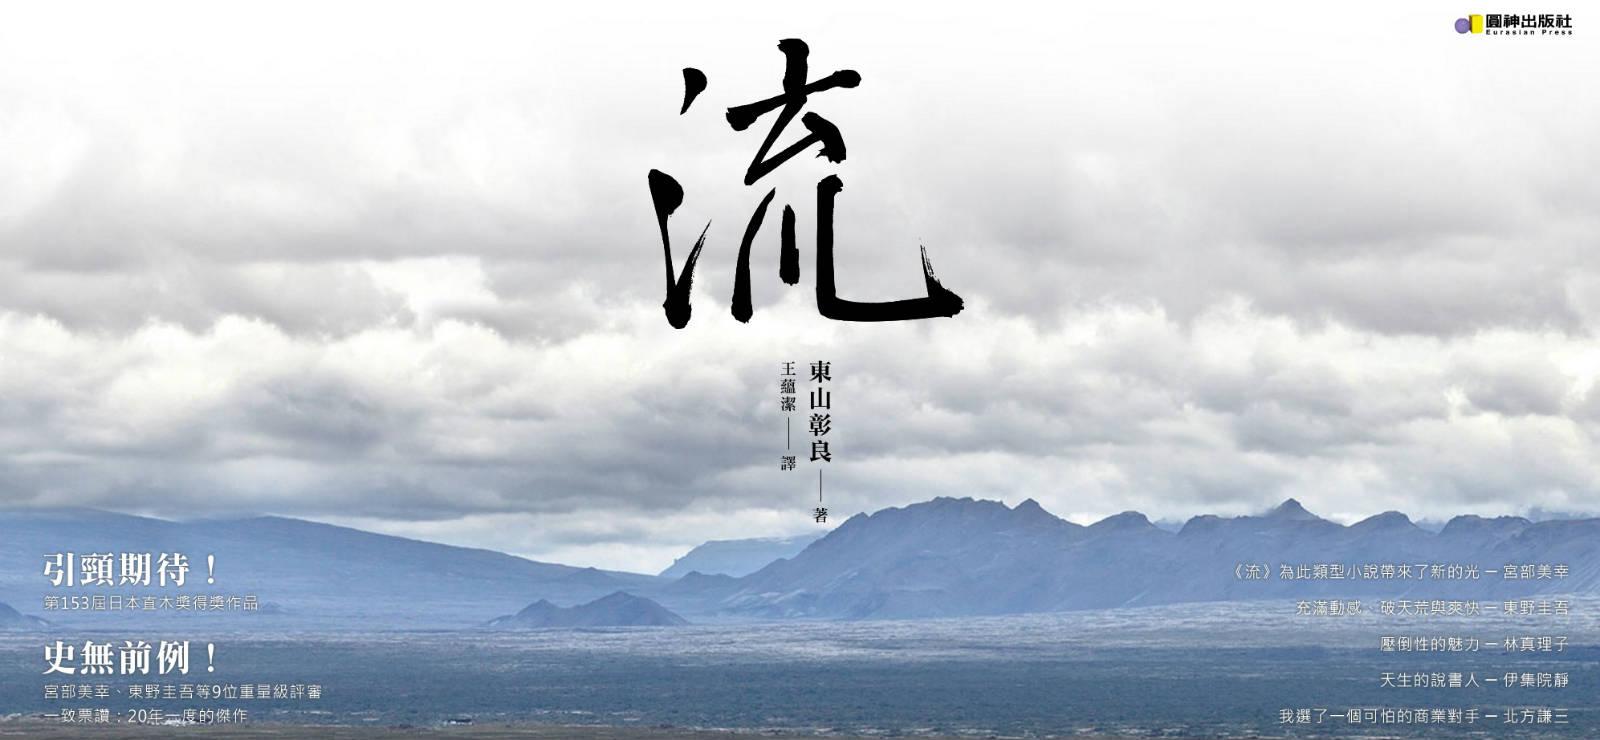 圖片來源:Booklife 圓神書活網